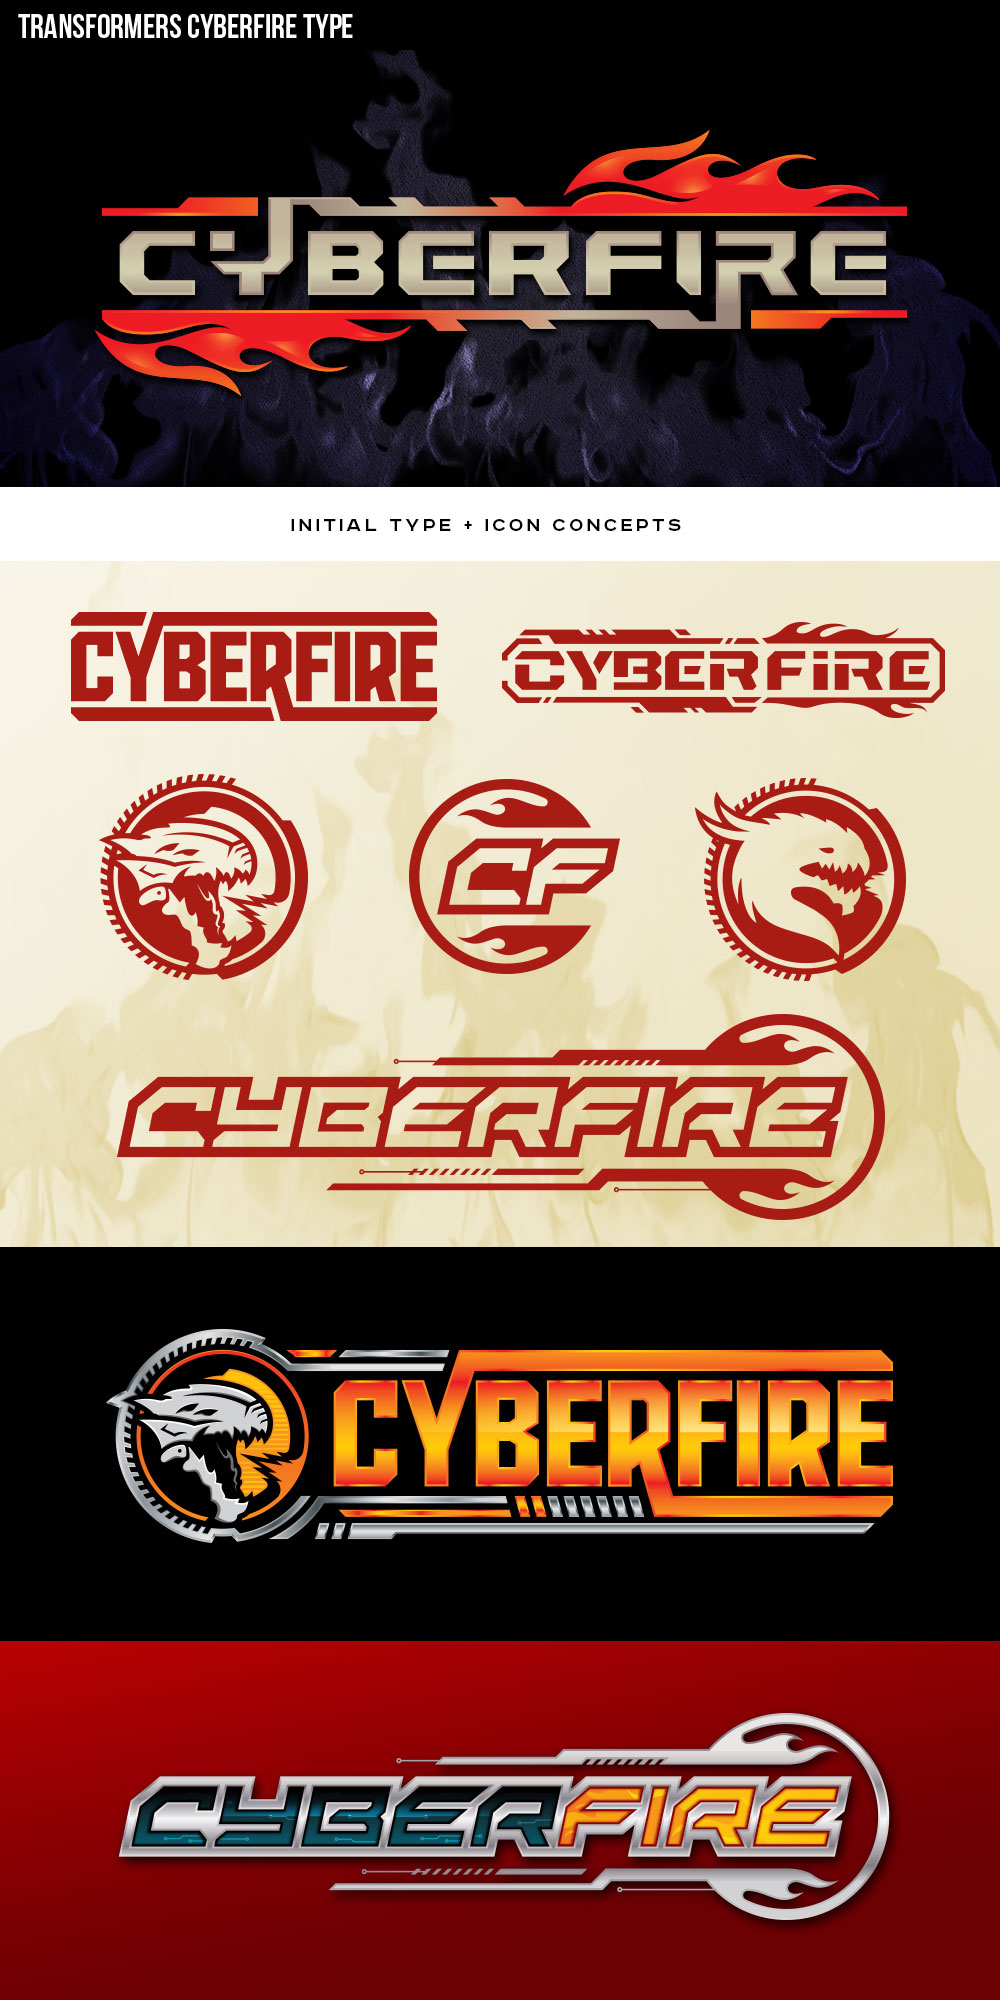 Cyberfire_01.jpg